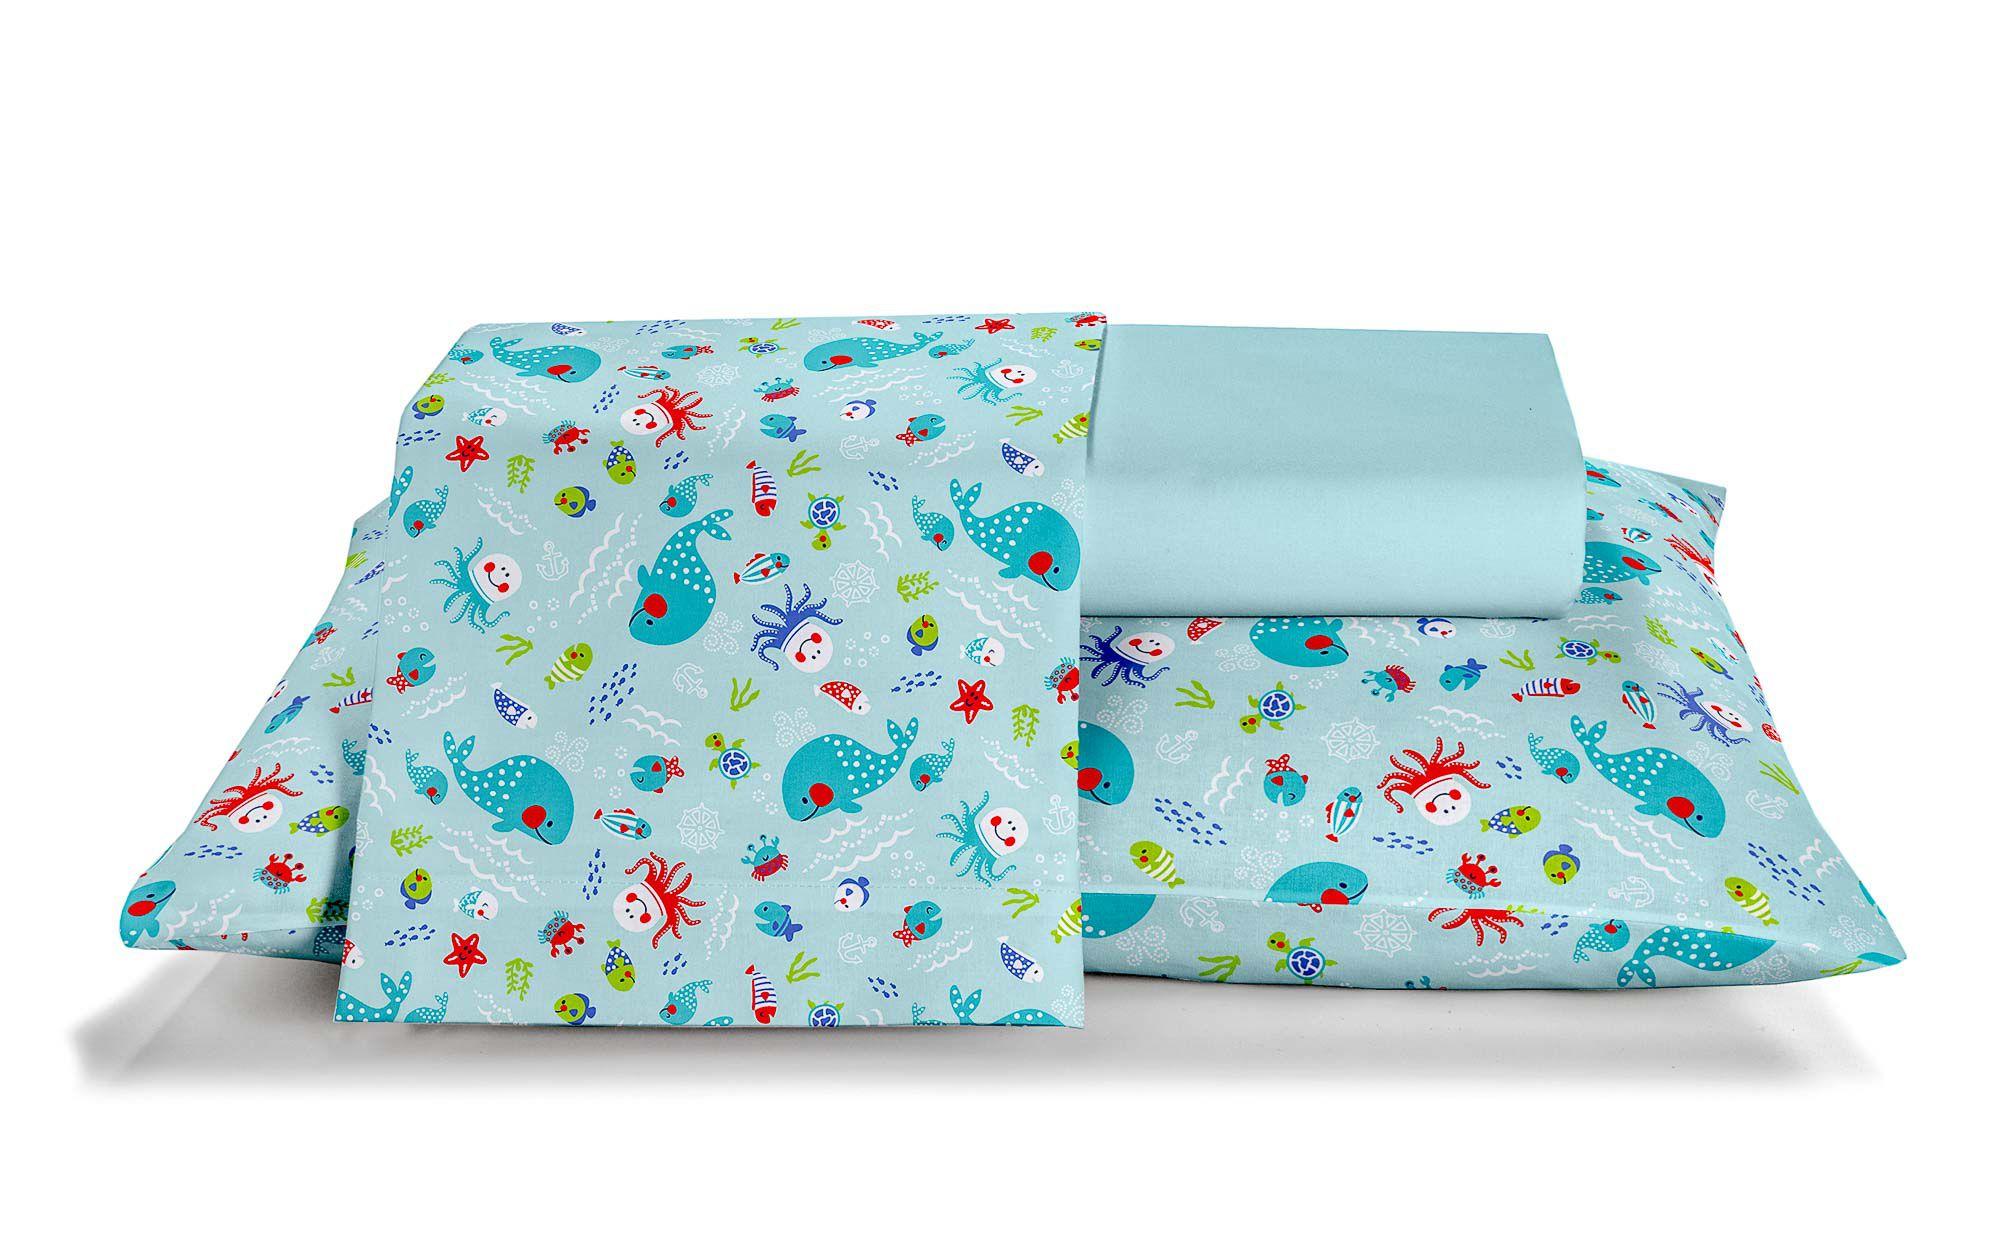 Jogo de berço santista baby glub piscina 100% algodao azul